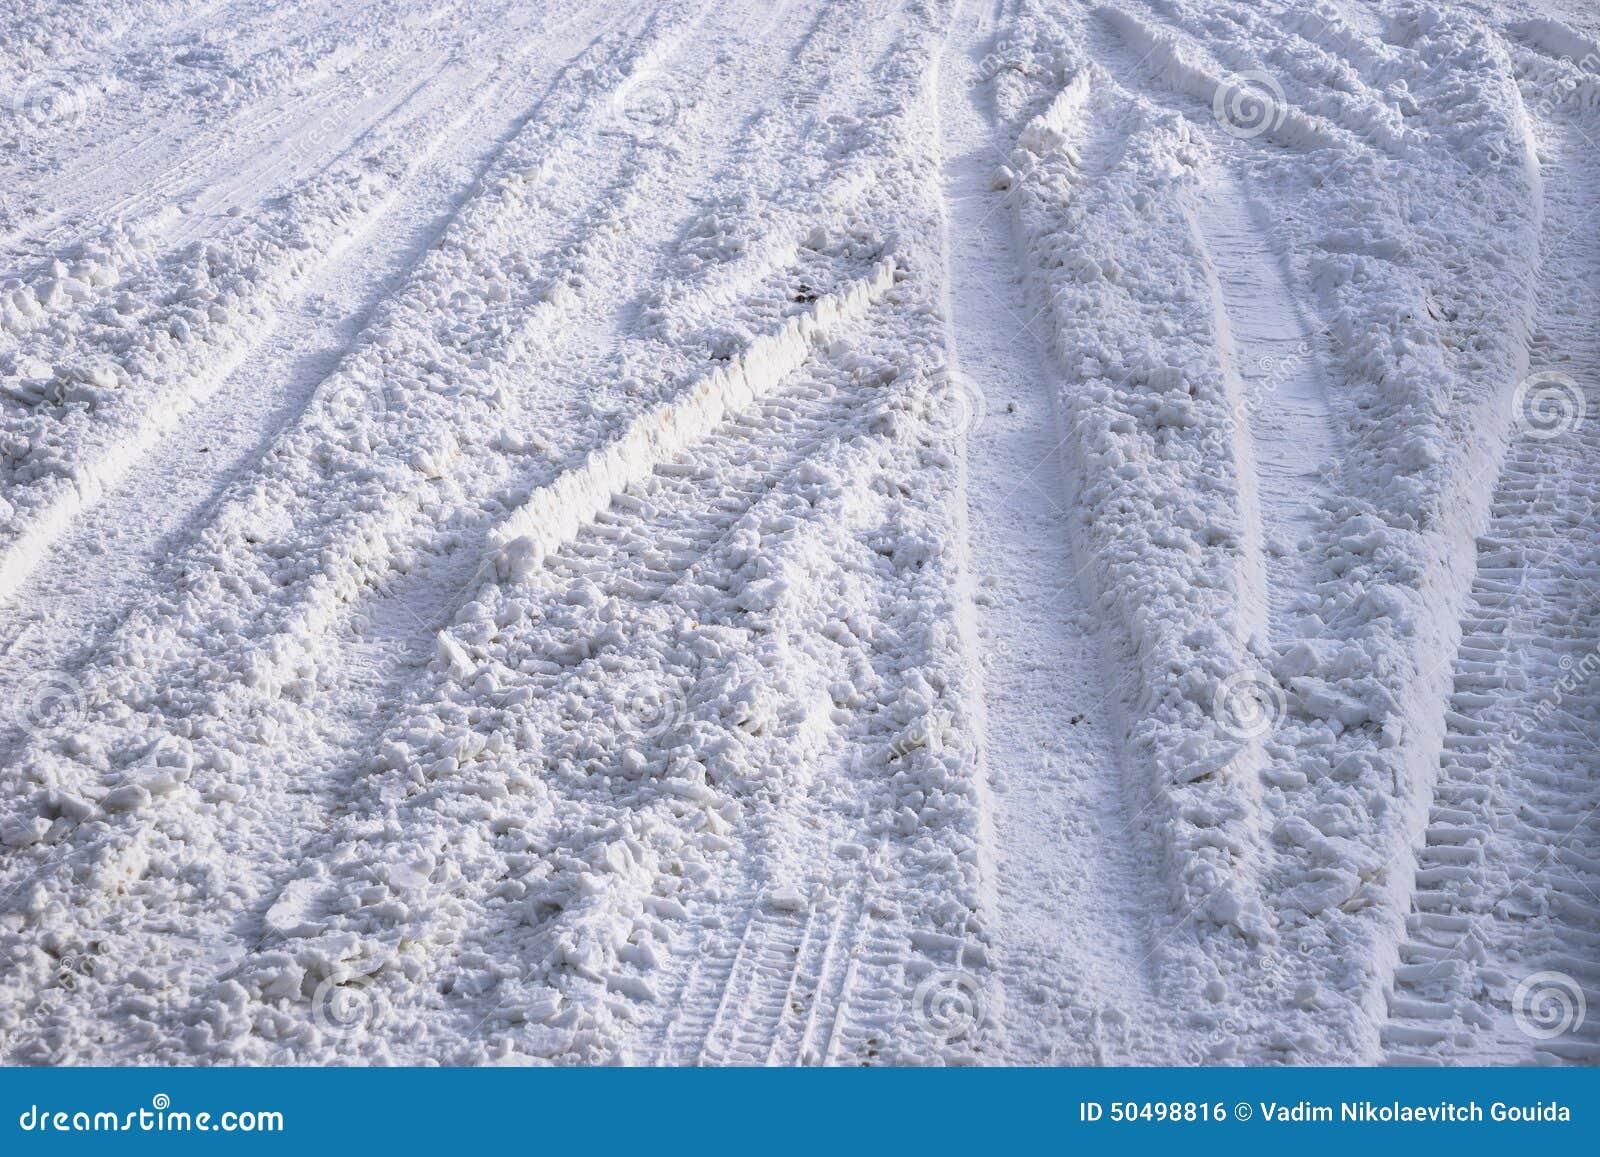 Abstrakt Bakgrund Snöspår På Vägen Arkivfoto Bild av